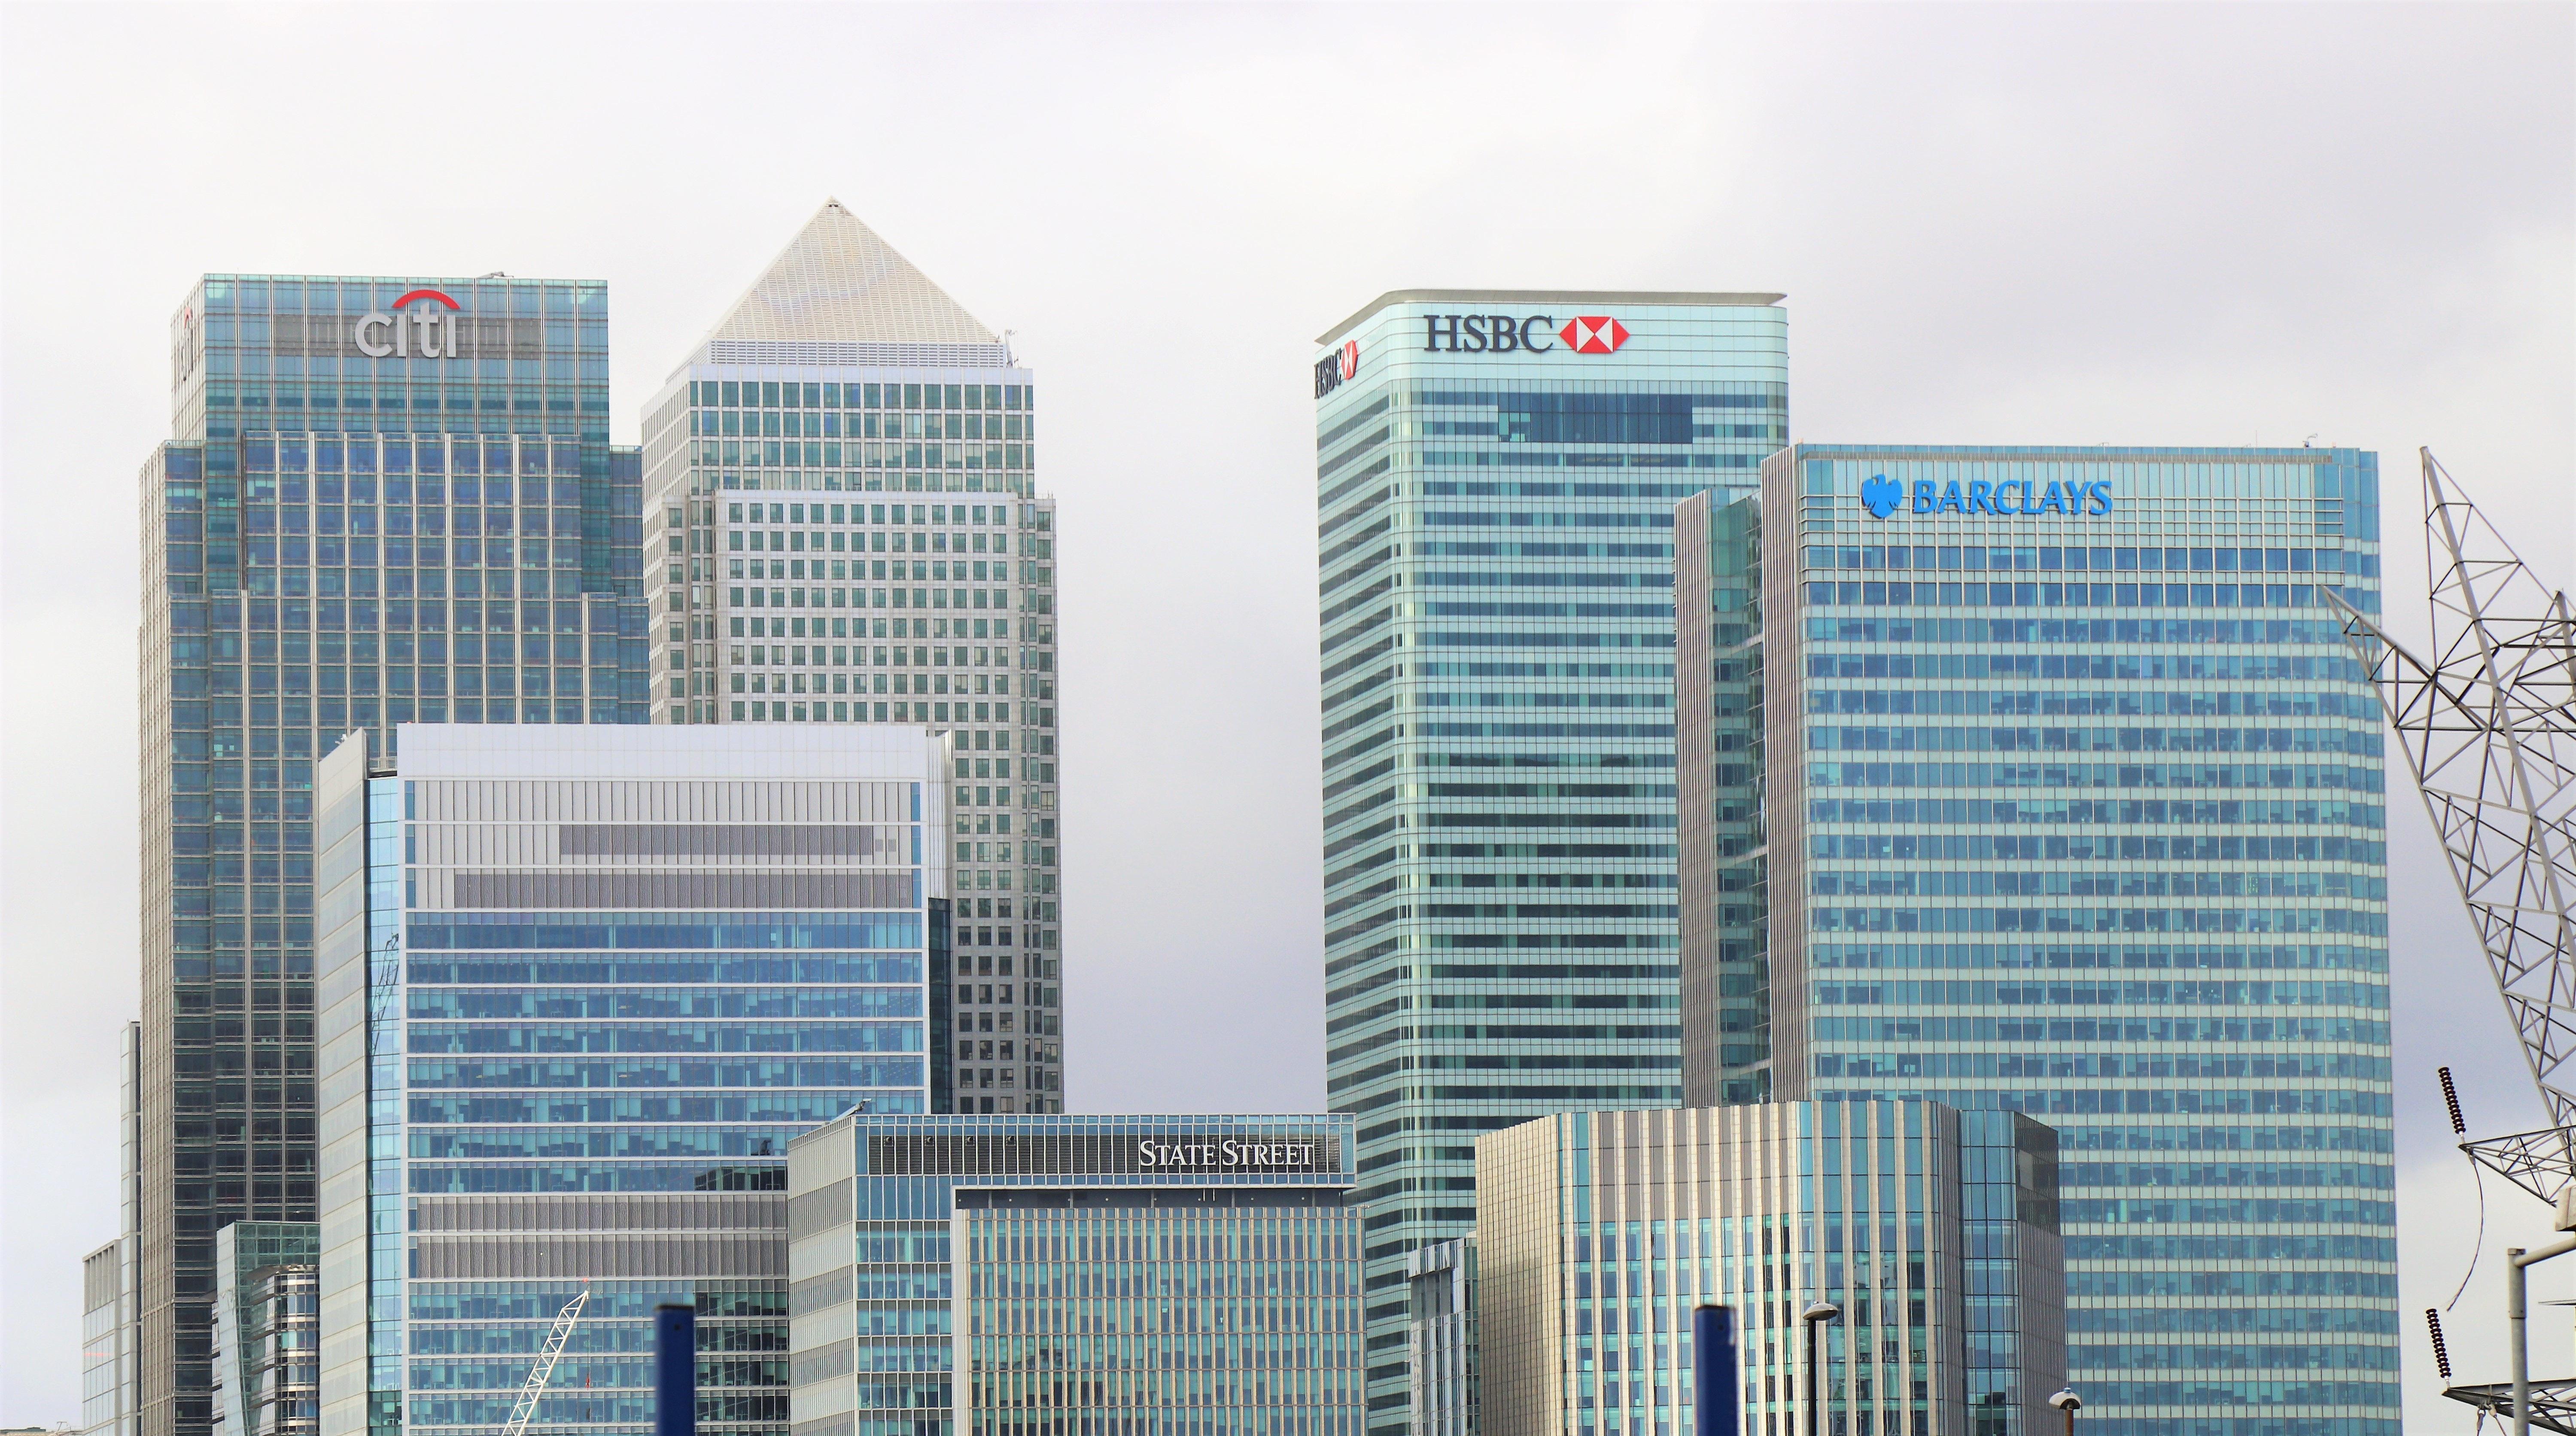 米国に投資用の LLC を設立する段取りは、銀行口座開設の旅程から逆算します